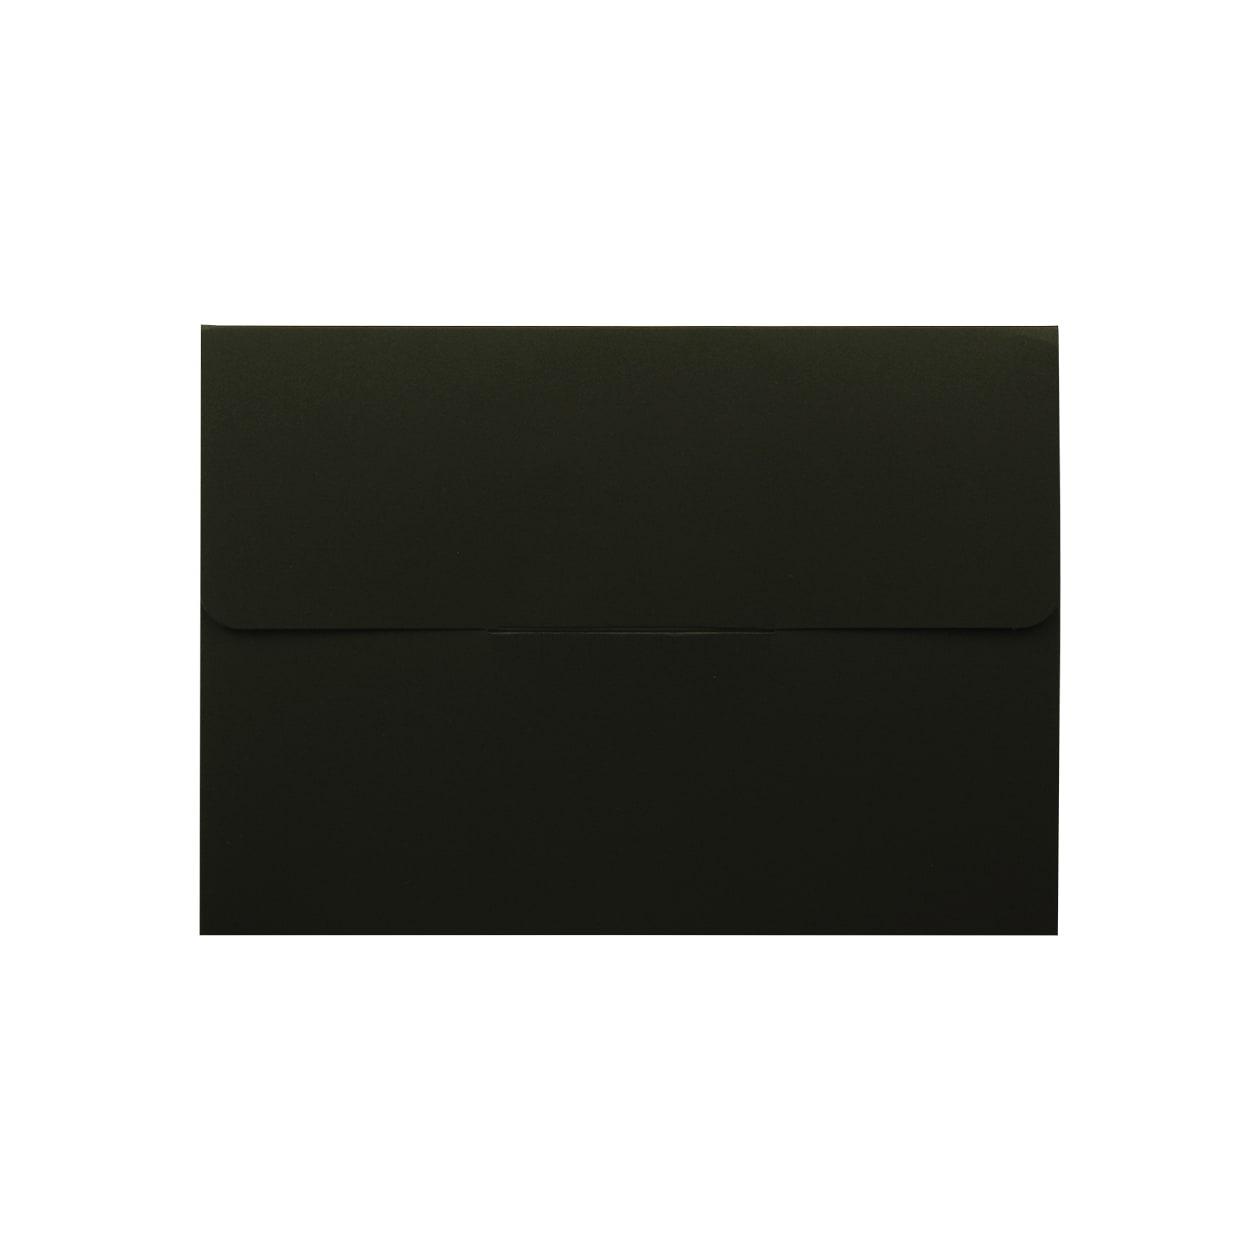 封筒型フォルダーA5用 差込有 ボード紙 ブラック 258.1g マチ6mm